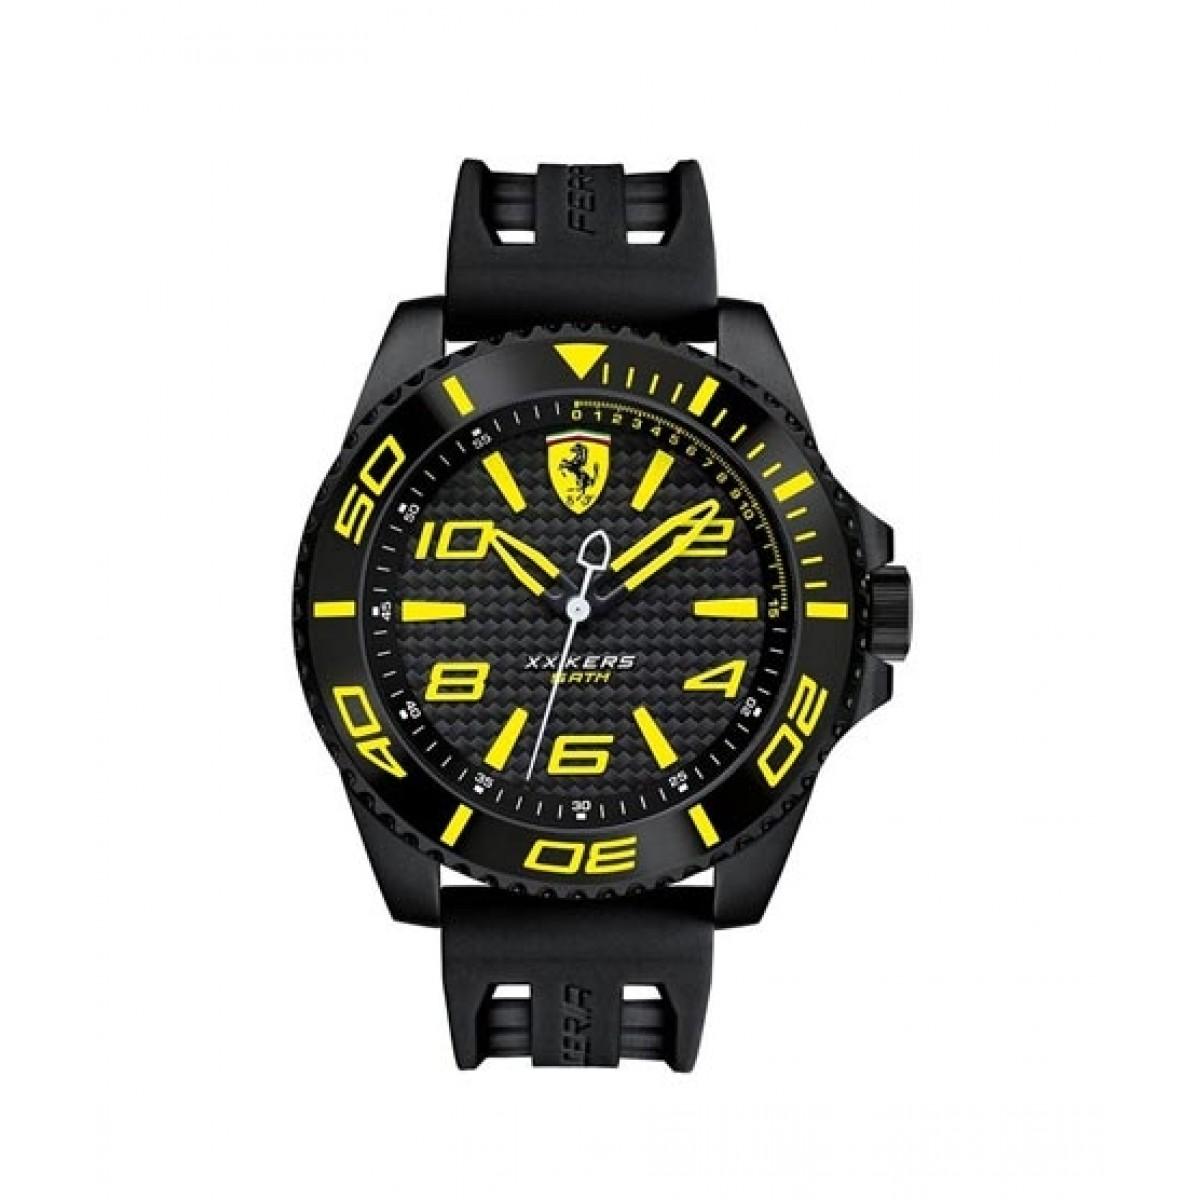 Ferrari XX Kers Men's Watch Black (830307)